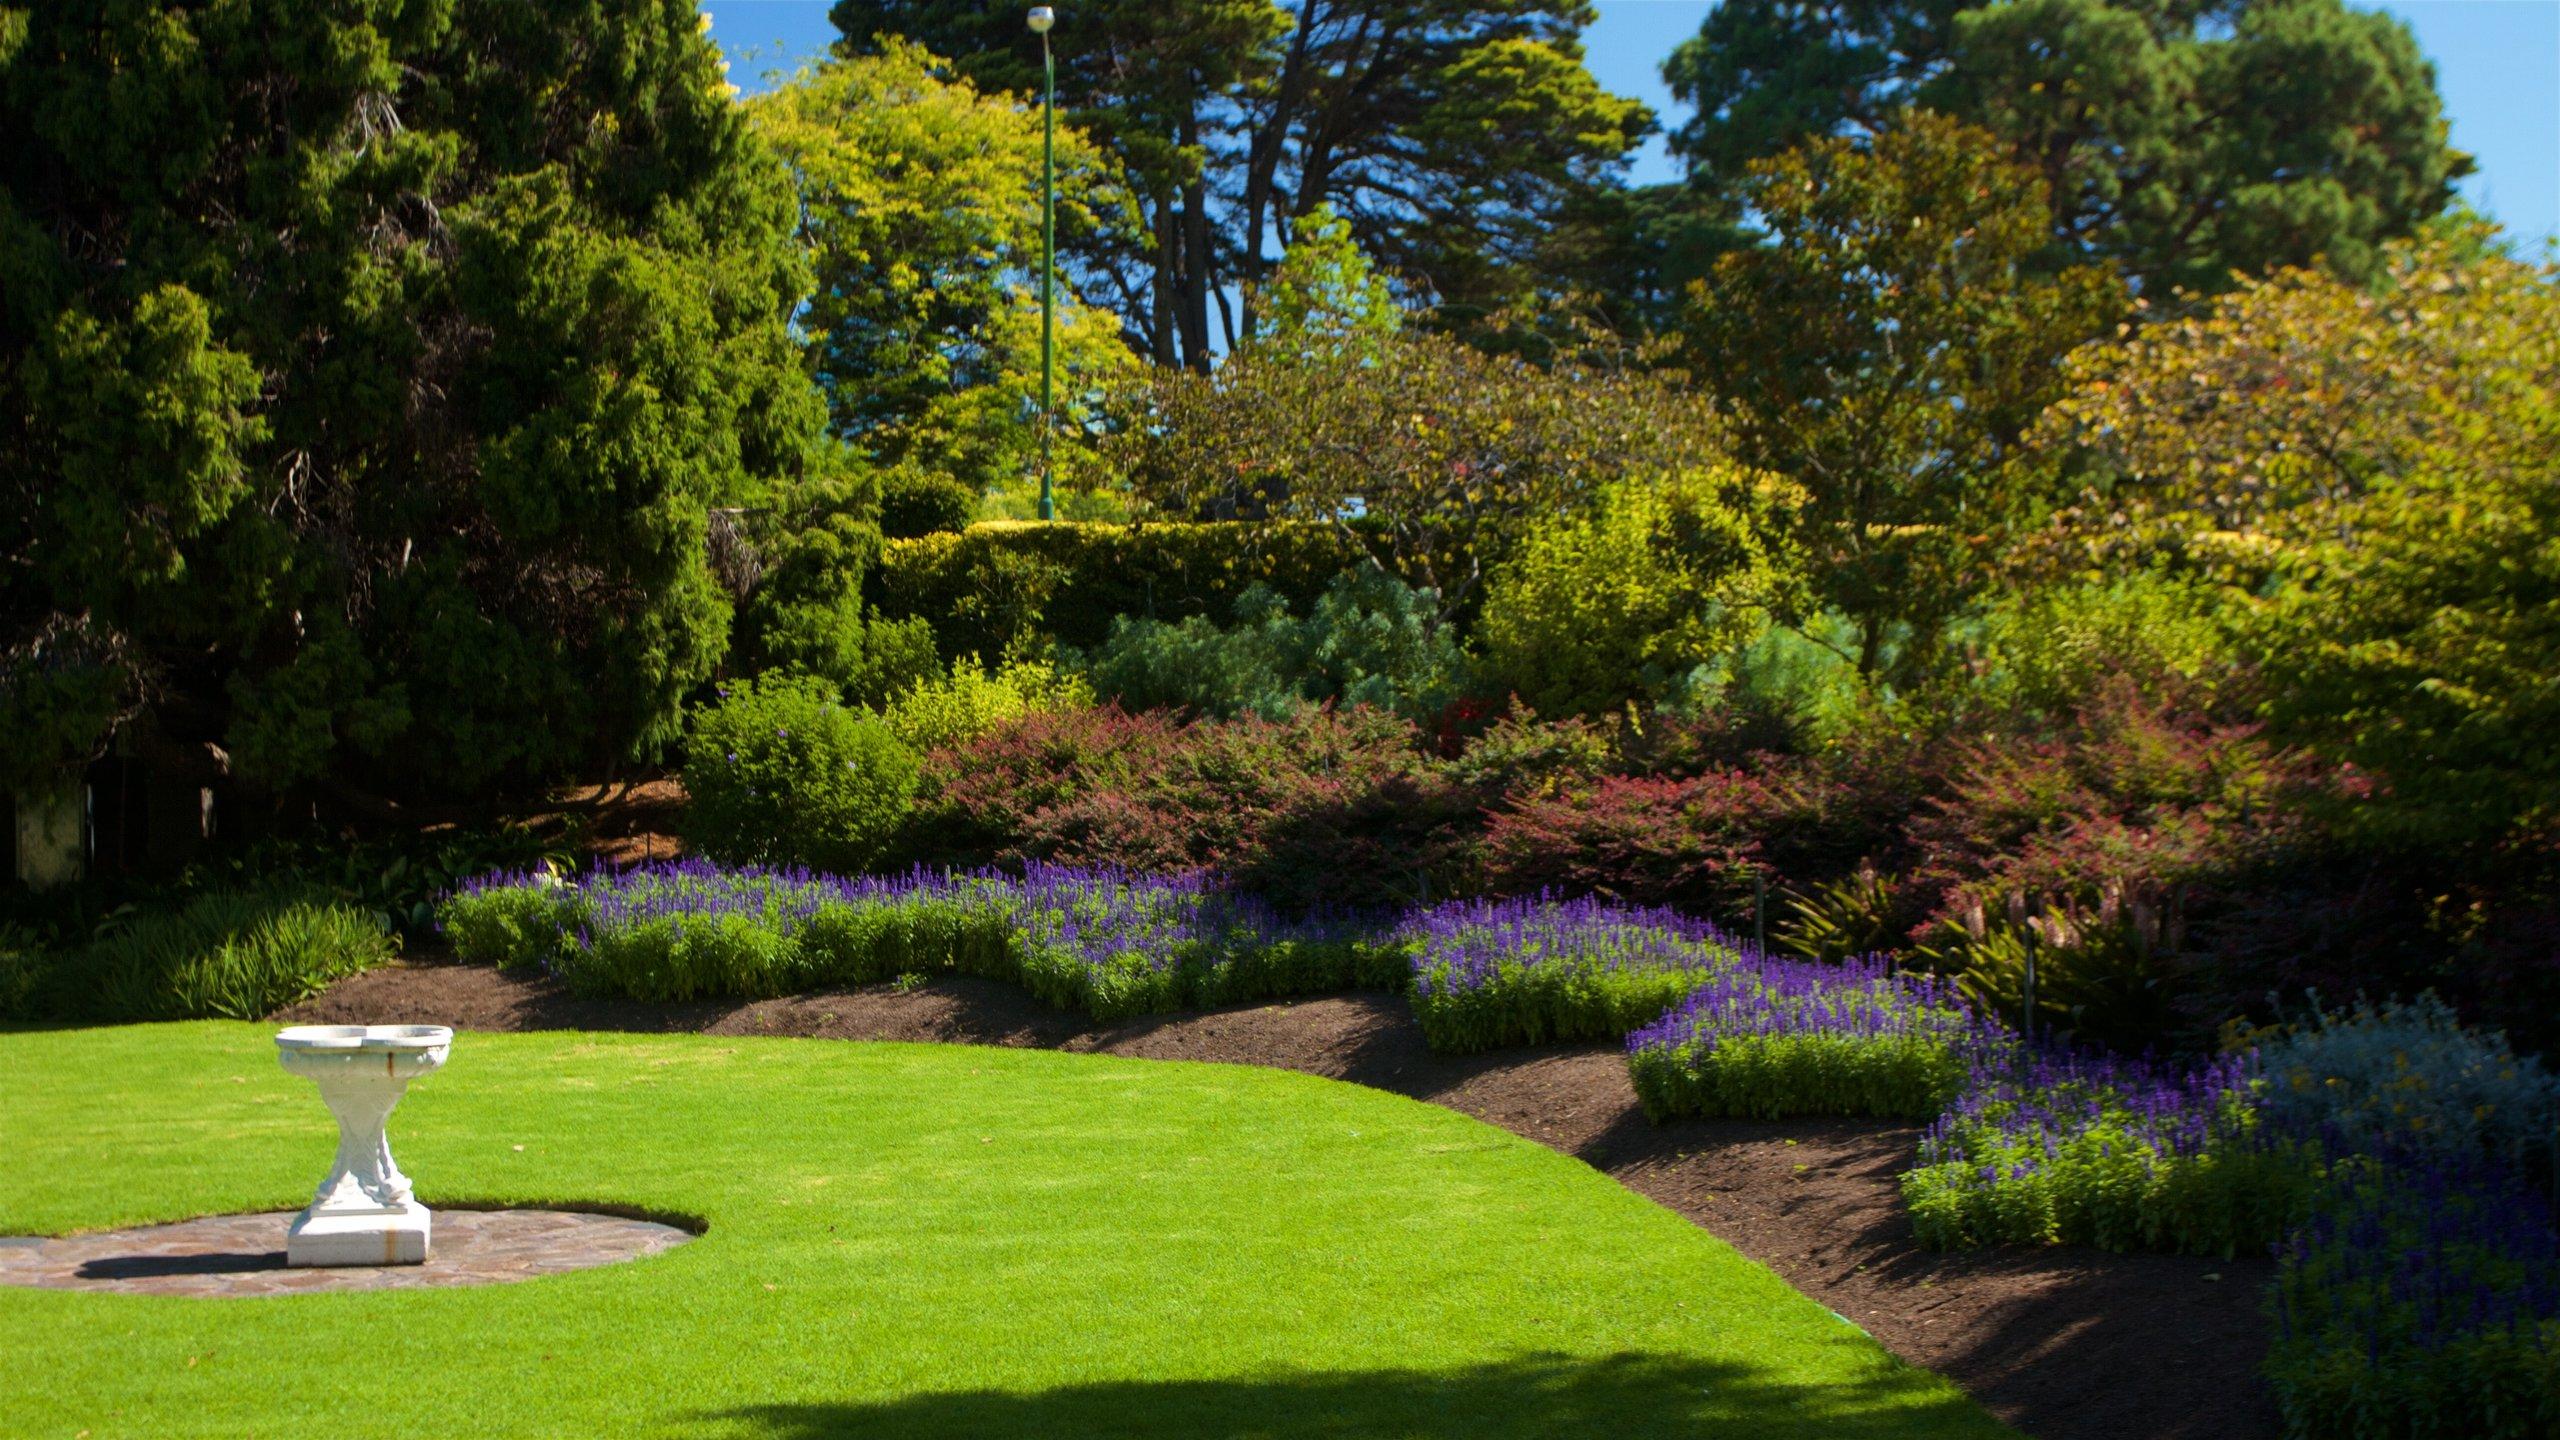 來這世界上最出色的植物園之一,在蒼翠茂盛的外來和本土植物群間,尋找一個避世天堂,或參加教學工作坊。